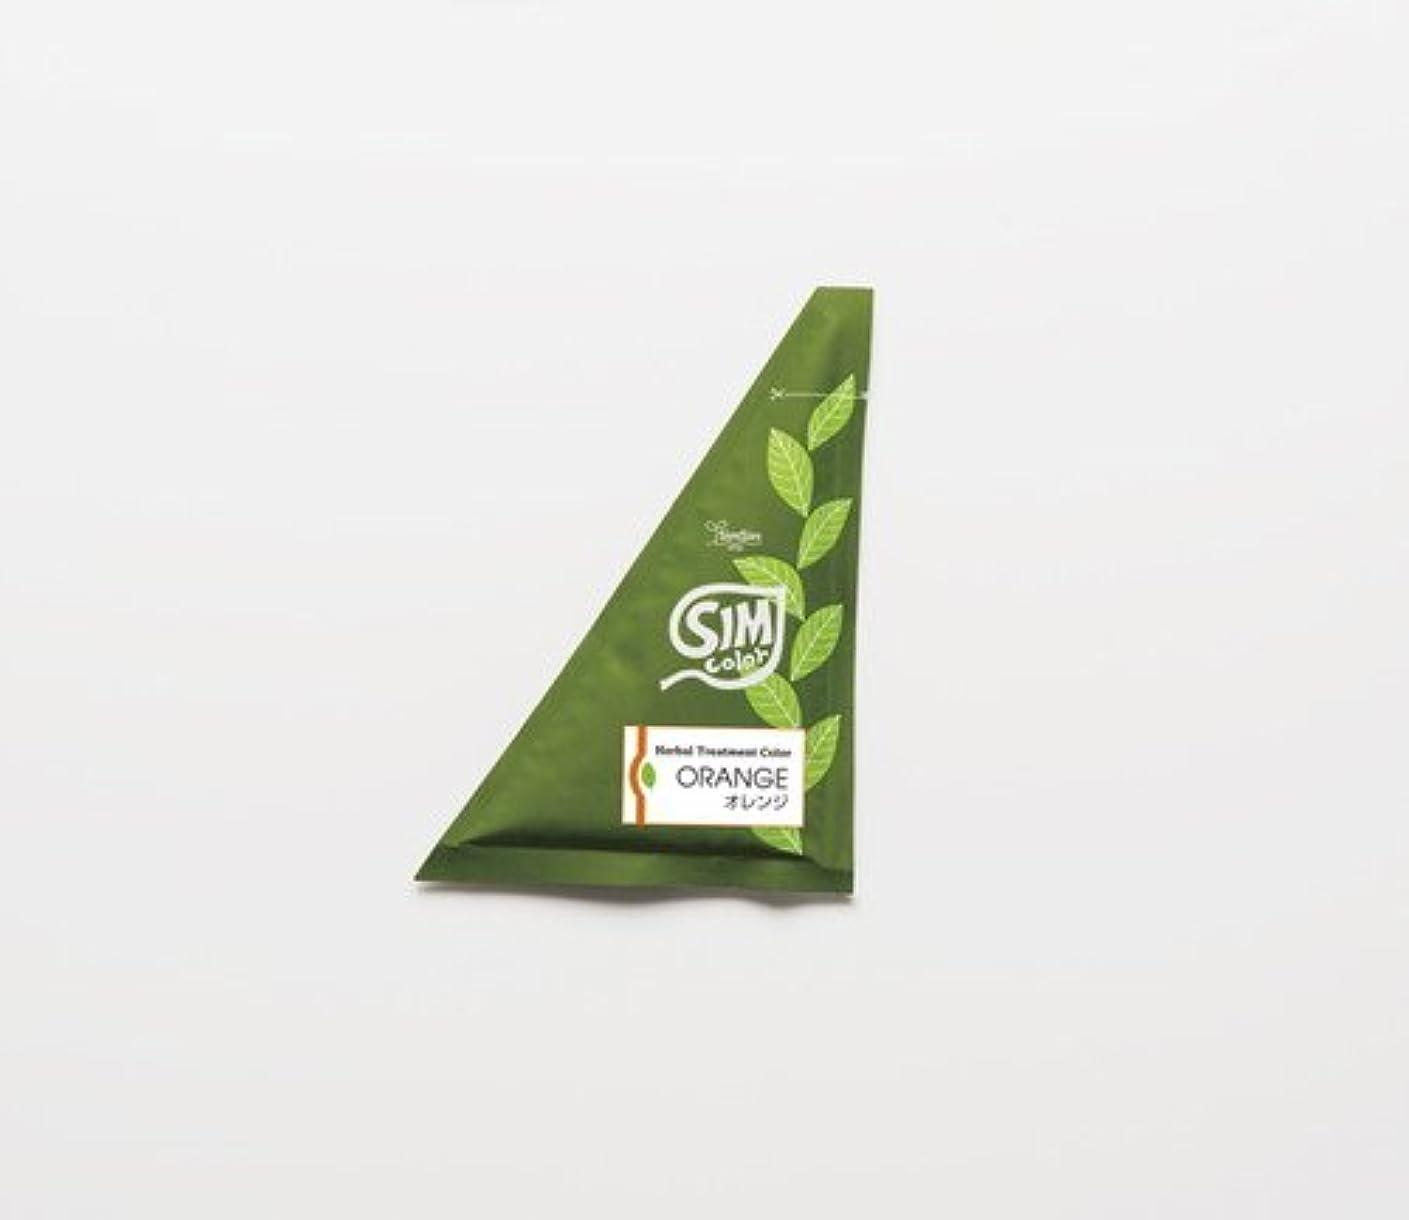 明確な対話自動化SimSim(シムシム)お手軽簡単シムカラーエクストラ(EX)25g 2袋 オレンジ